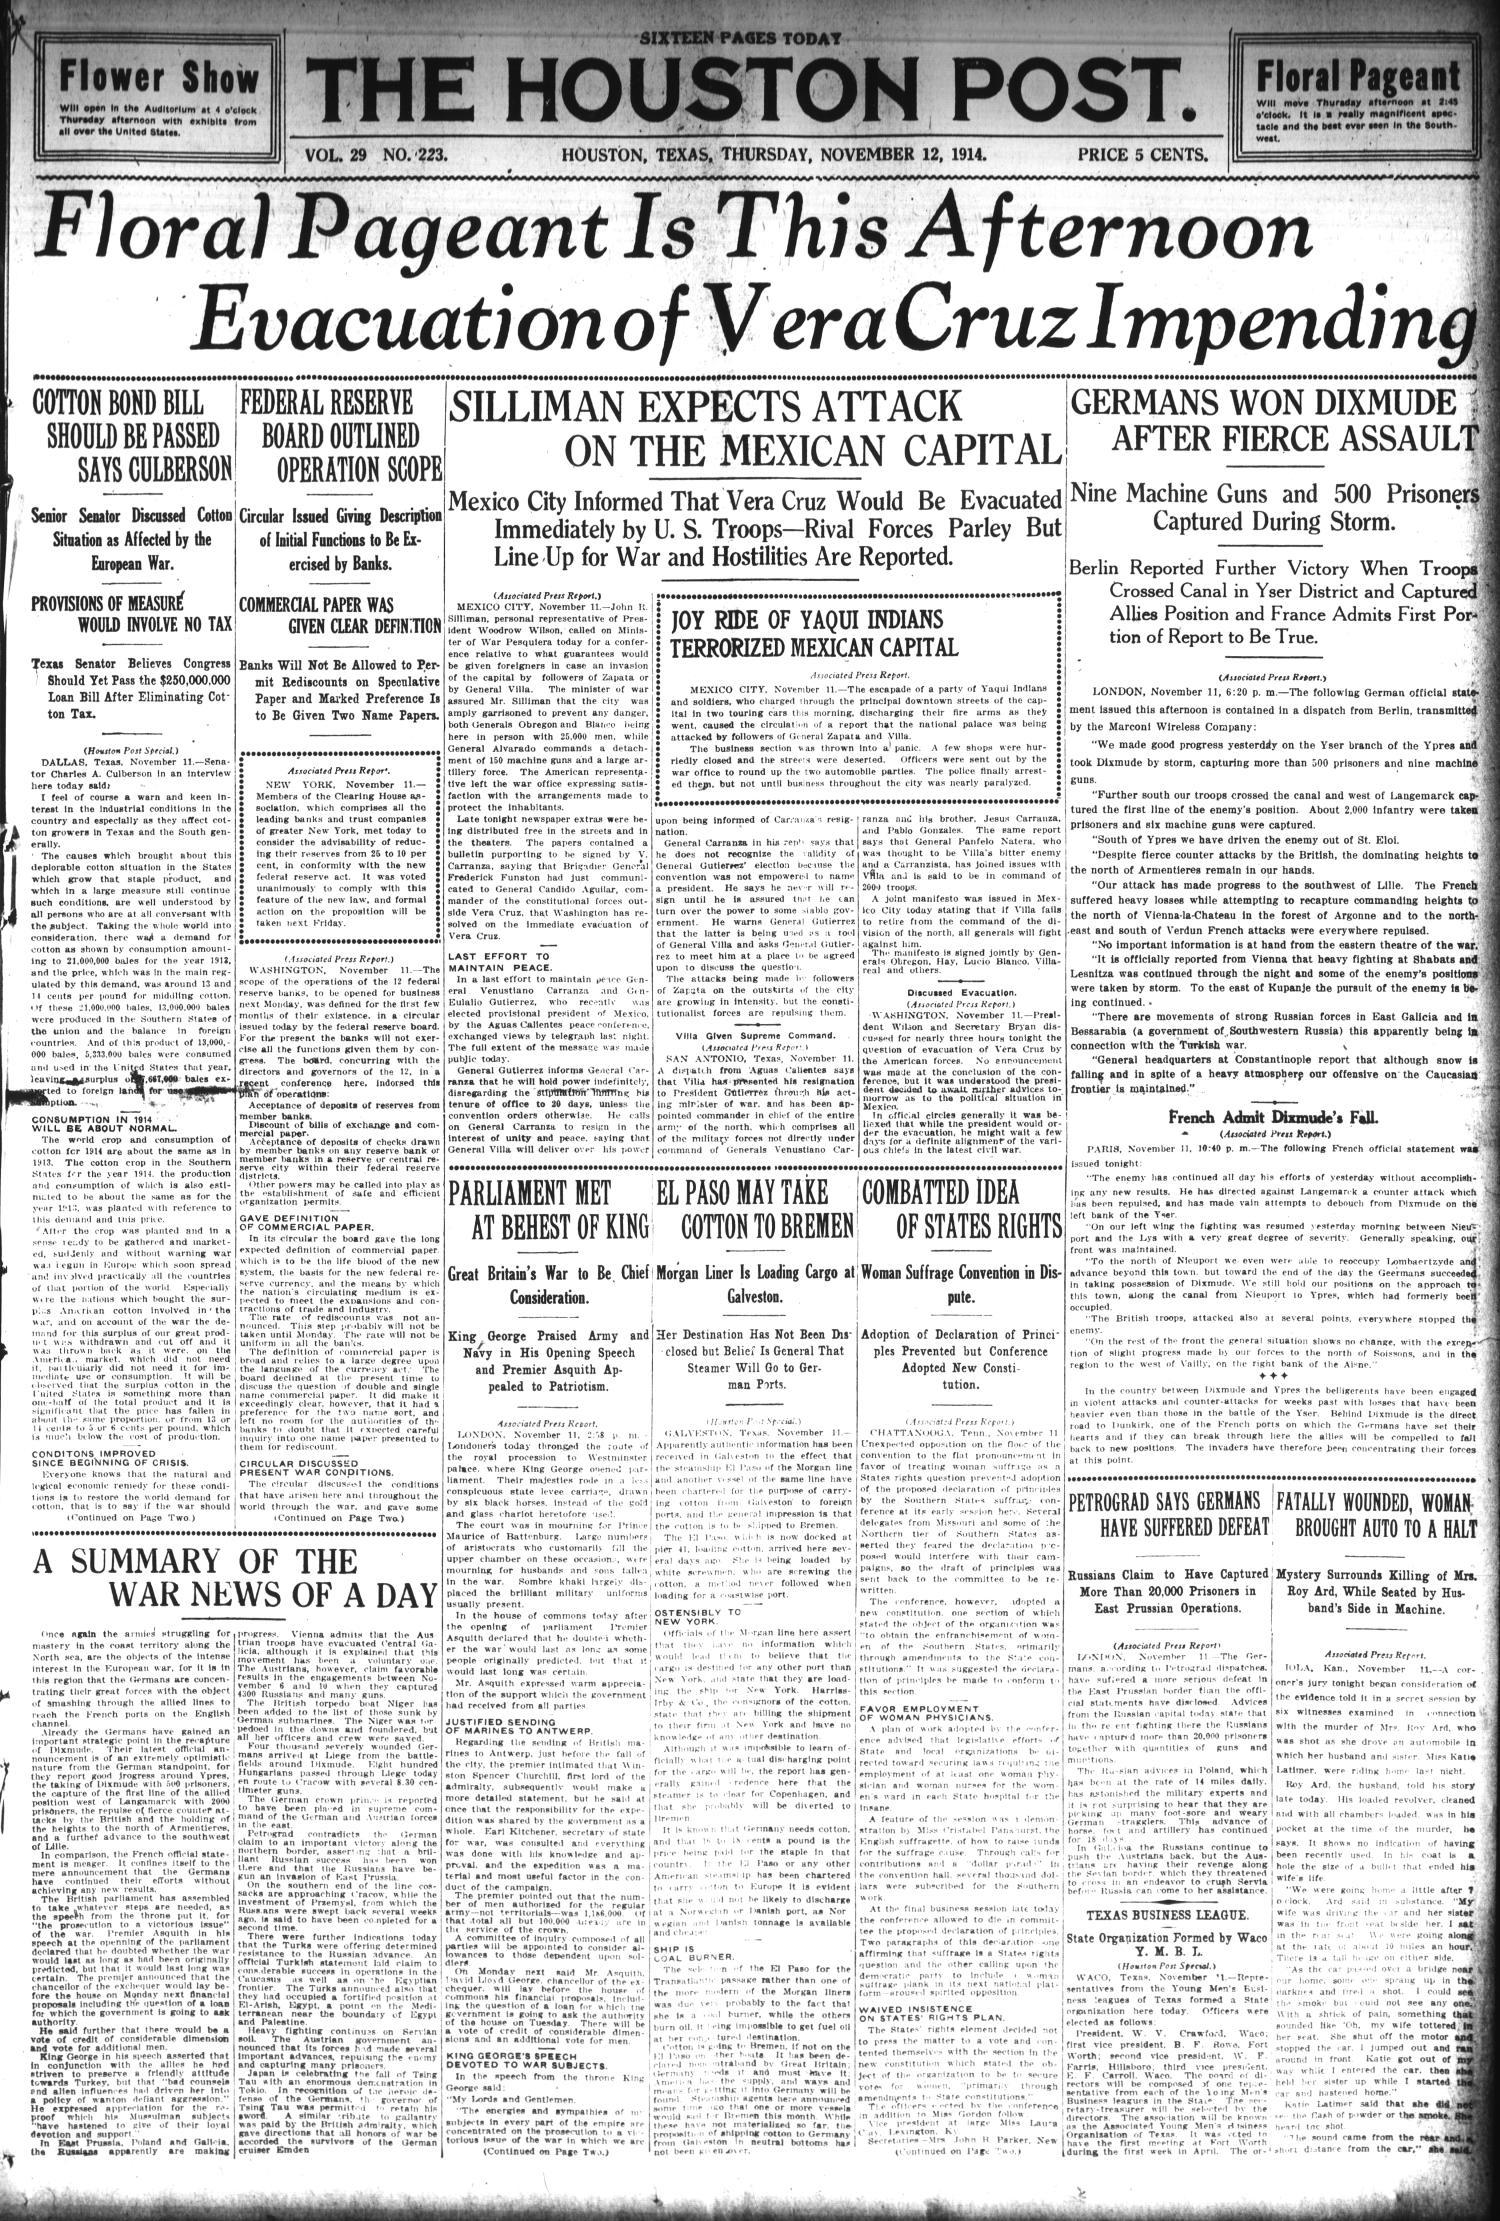 The Houston Post  (Houston, Tex ), Vol  29, No  223, Ed  1